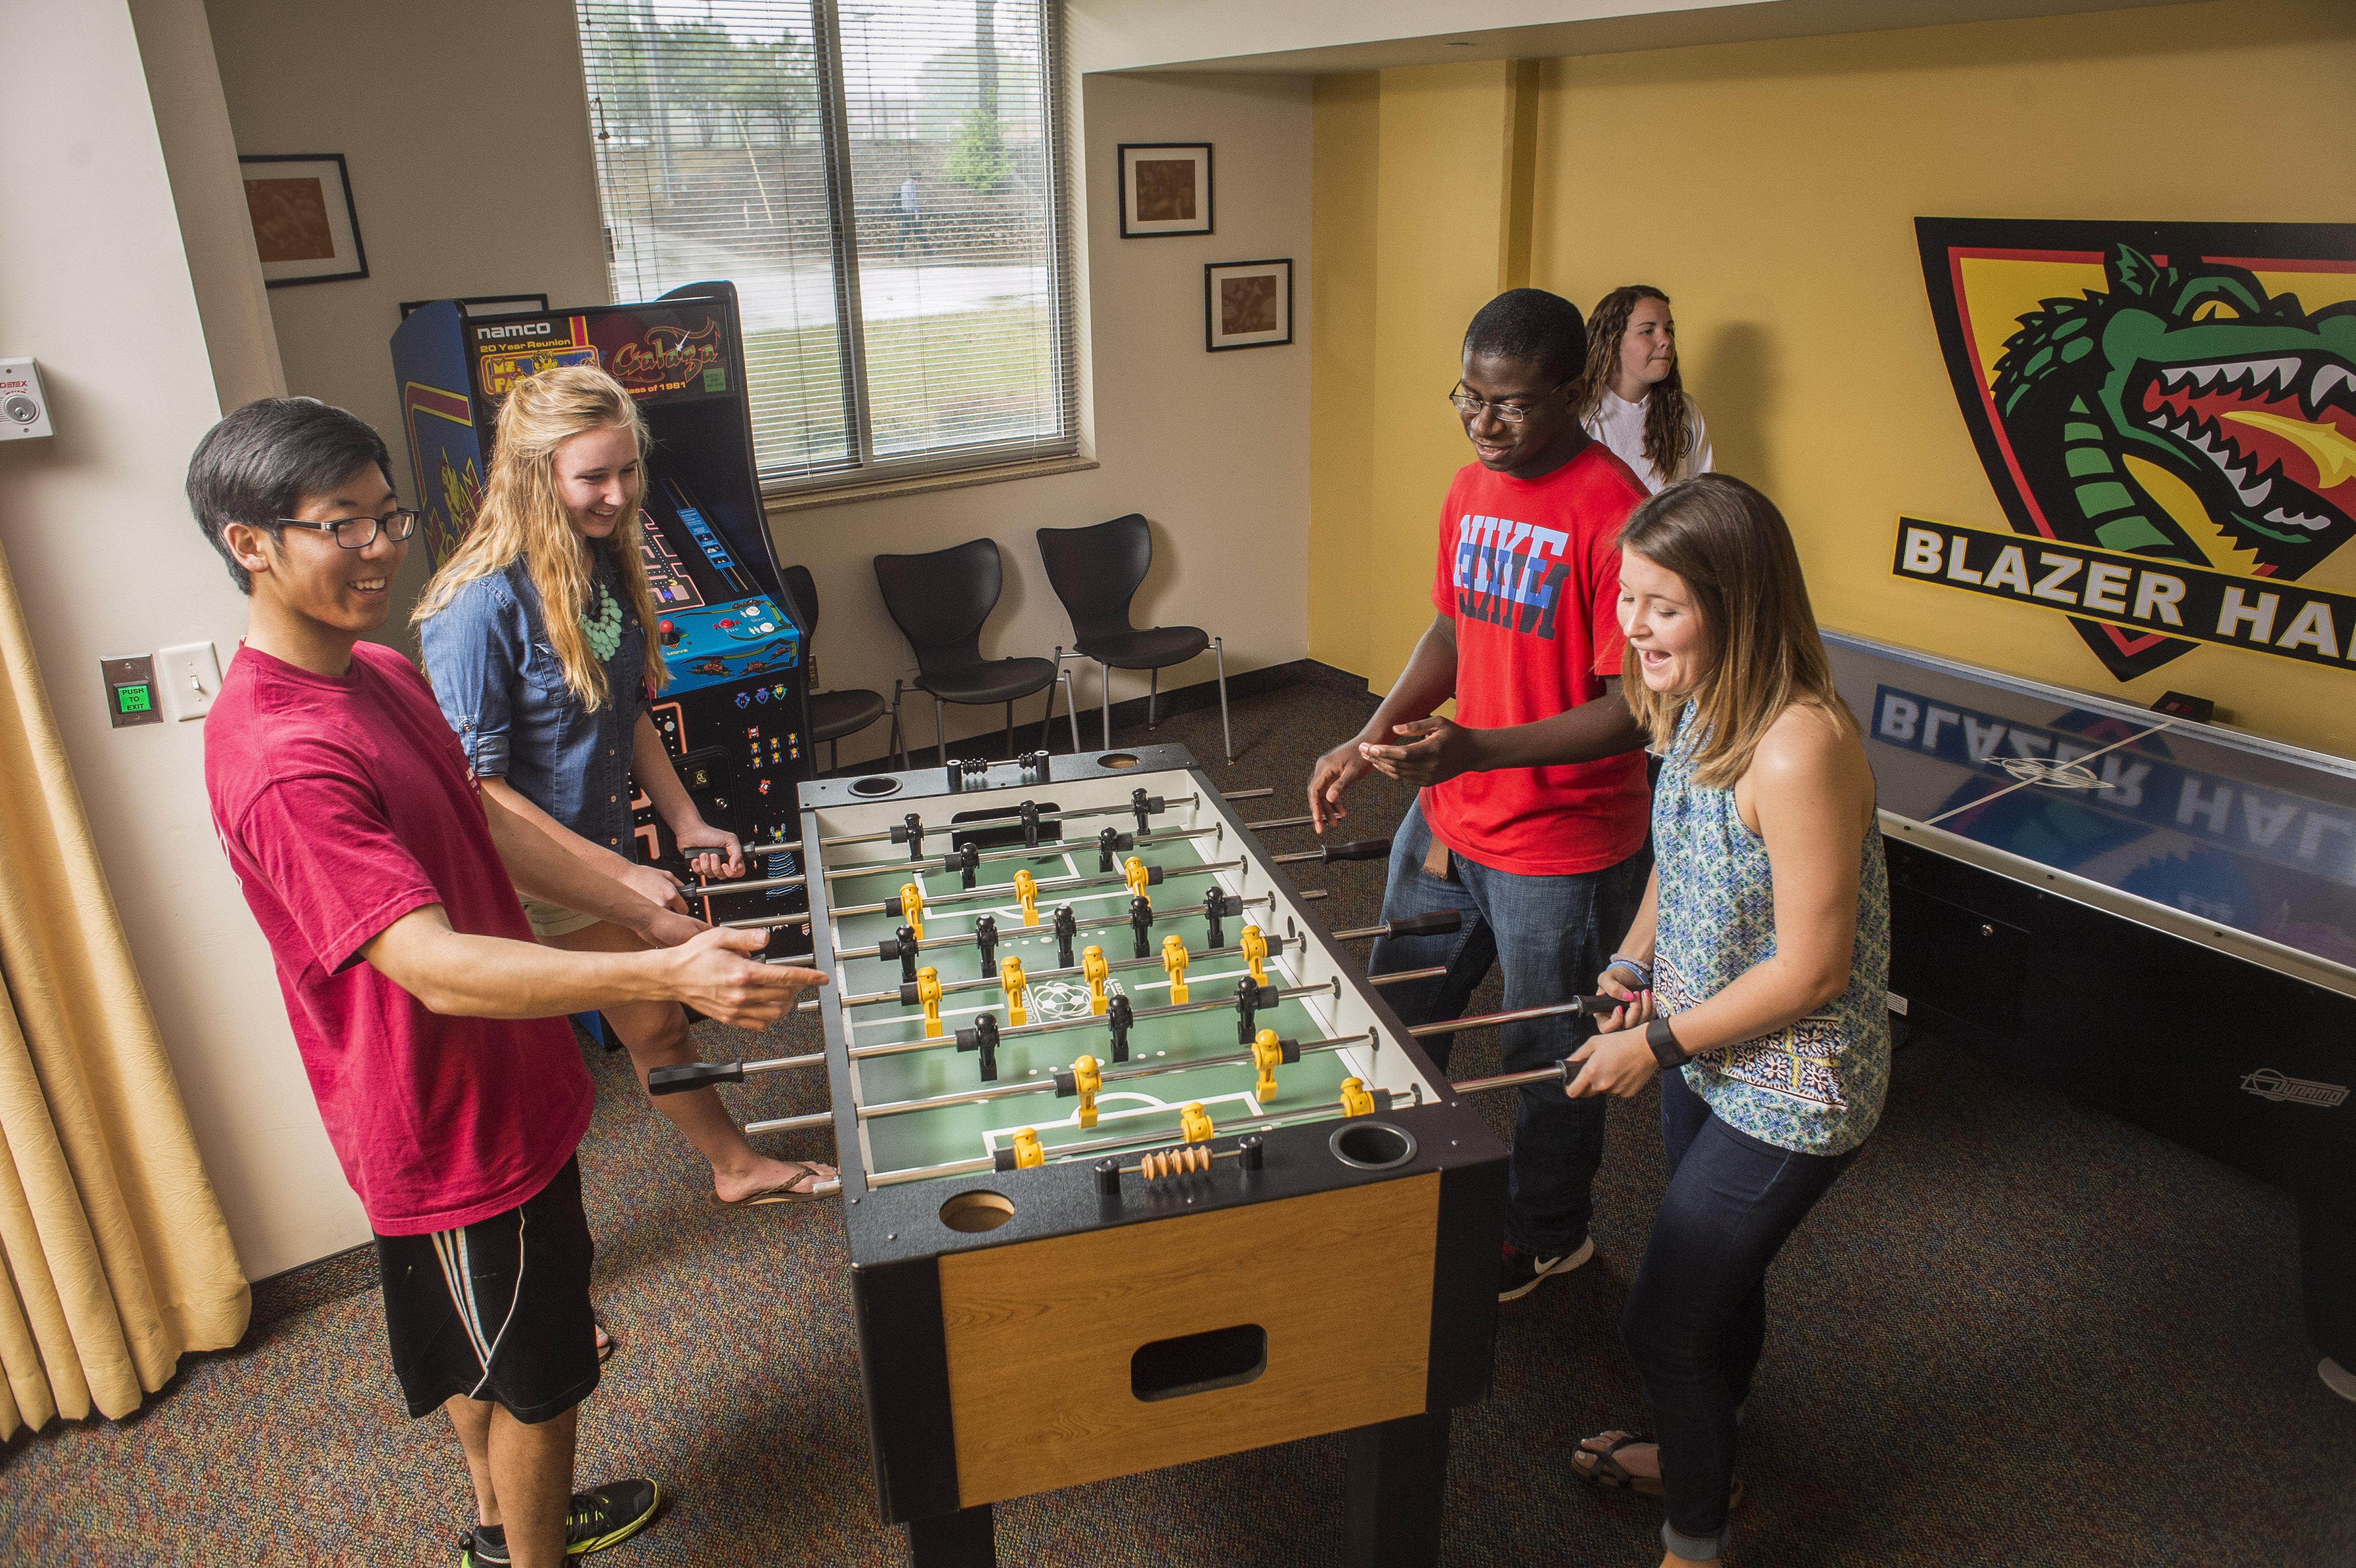 UAB Blazer Hall room Students playing